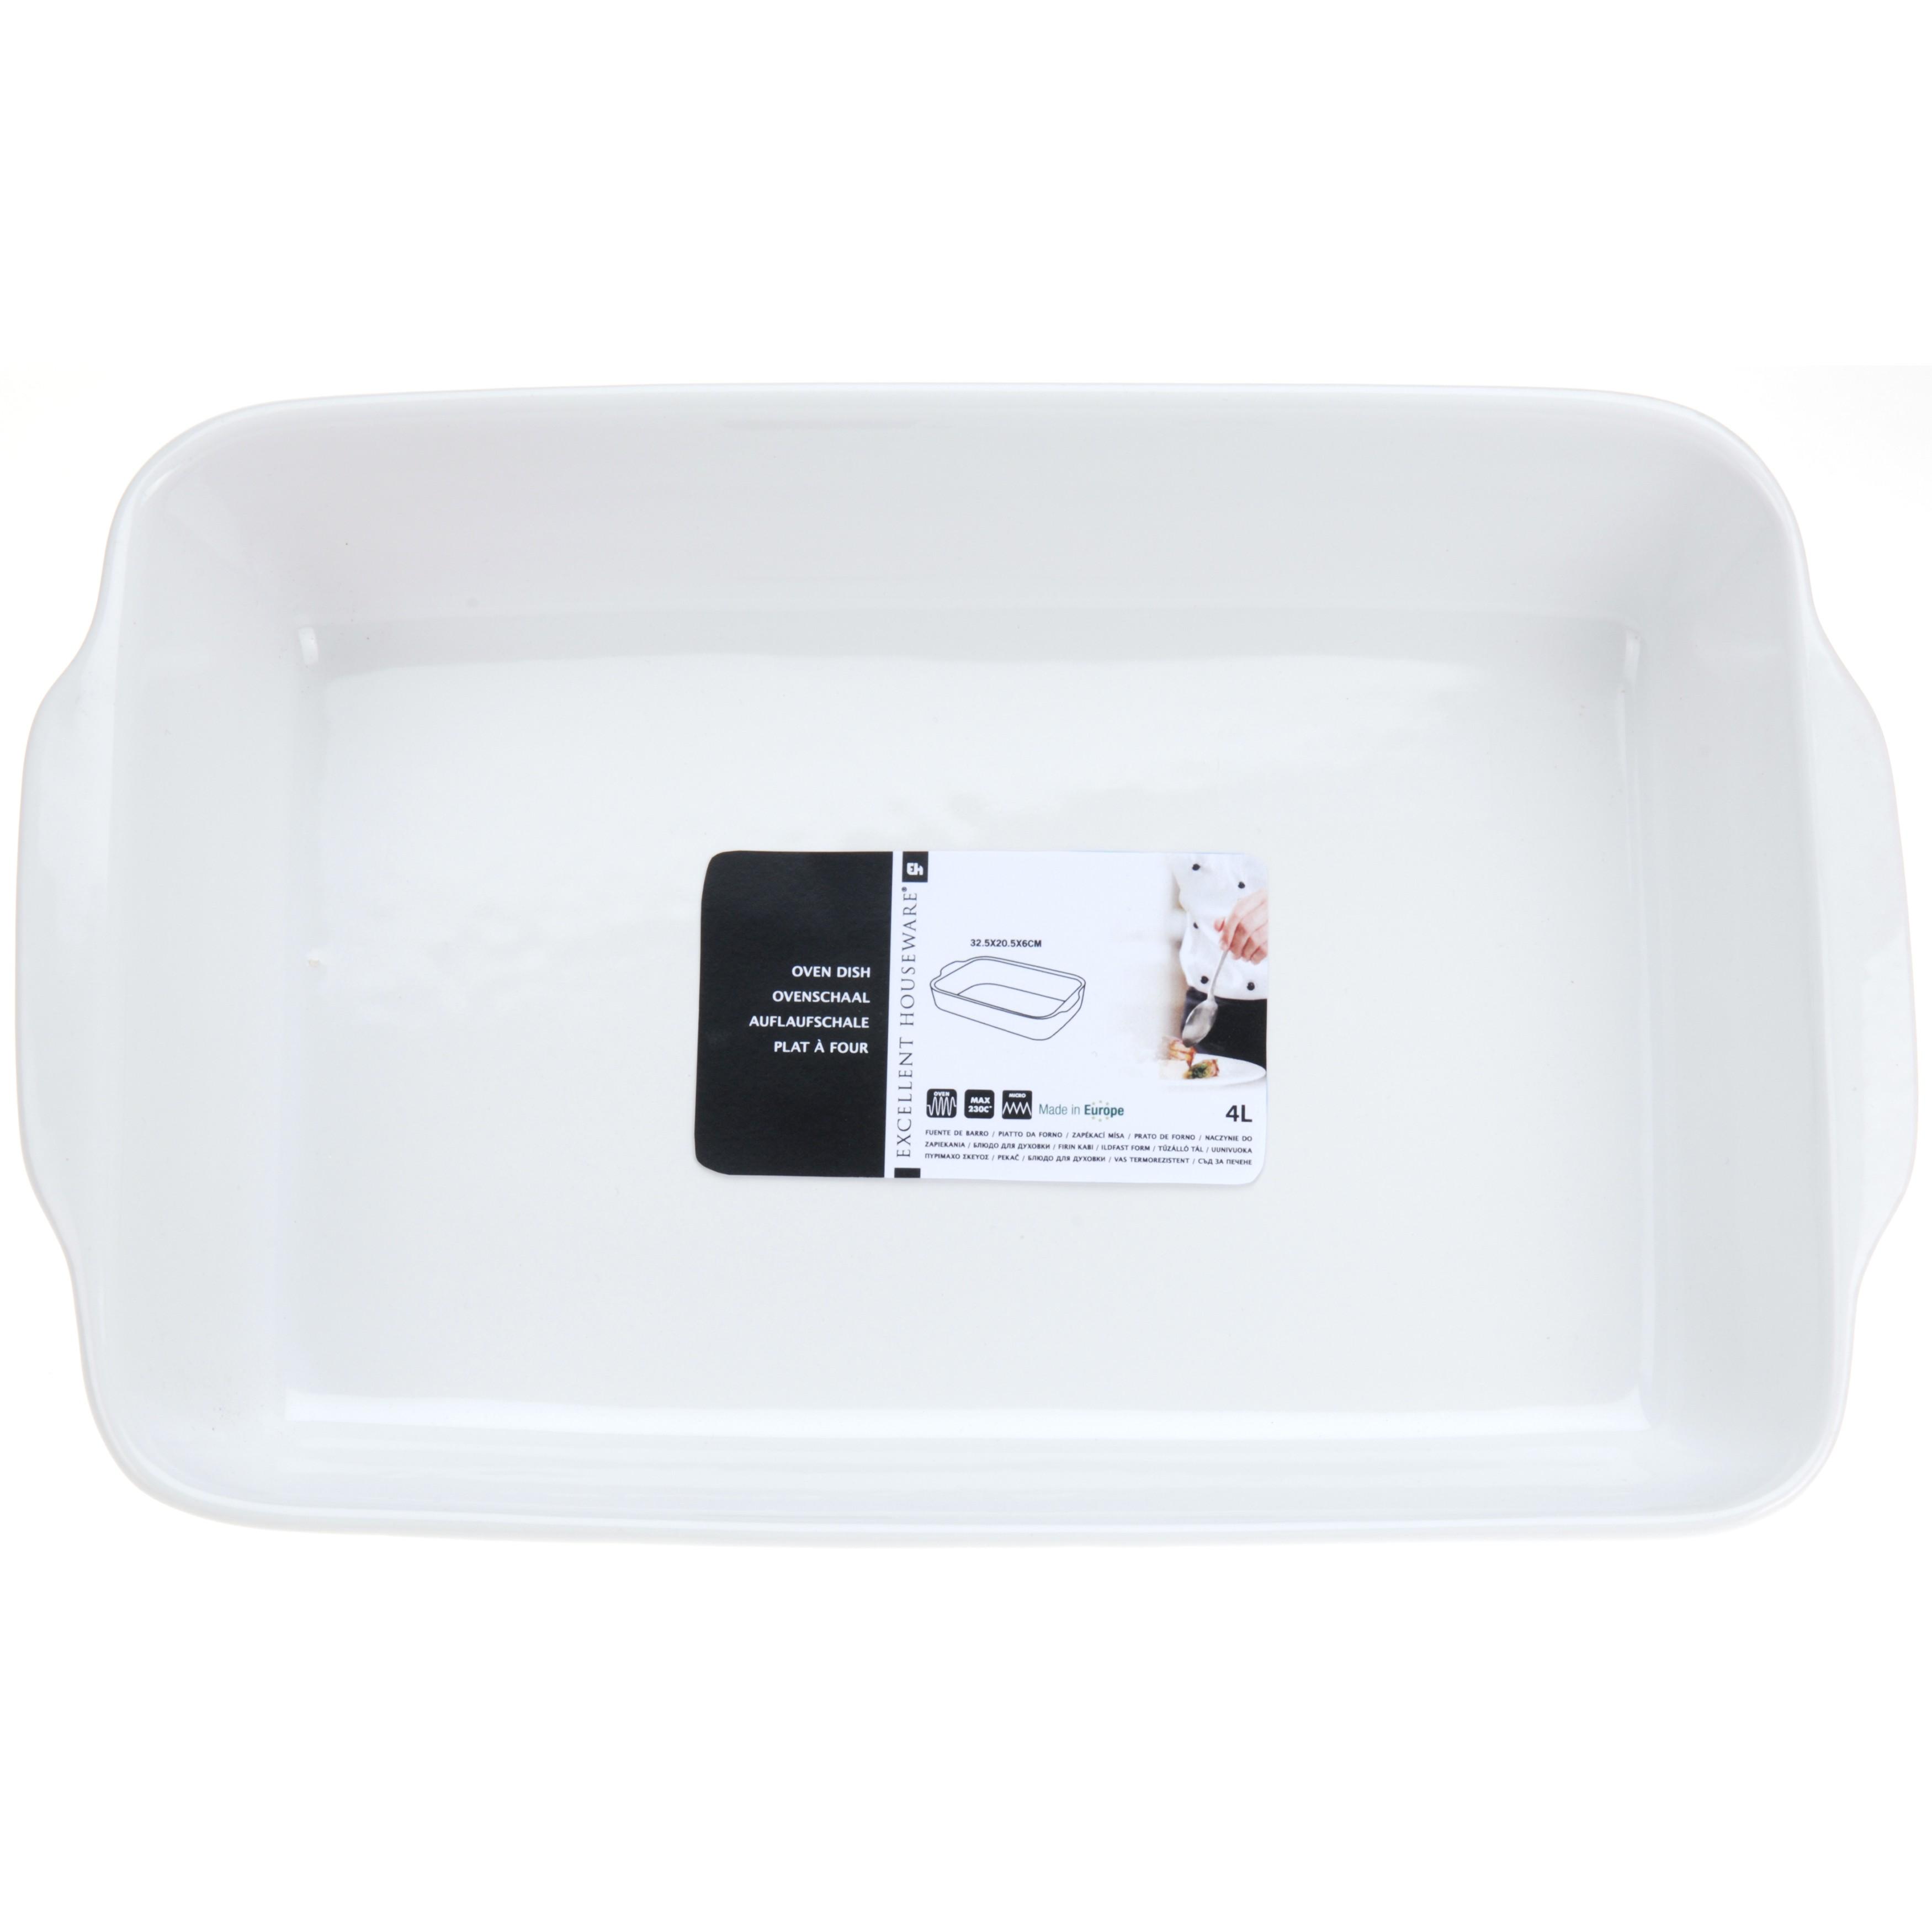 Форма для выпеканияExcellent Houseware производит посуду и предметы домашнего обихода. Форма для выпекания - любимая помощница всех хозяек. Благодаря ней пироги получаются с идеальными очертаниями, их с легкостью можно извлечь из формы.<br>